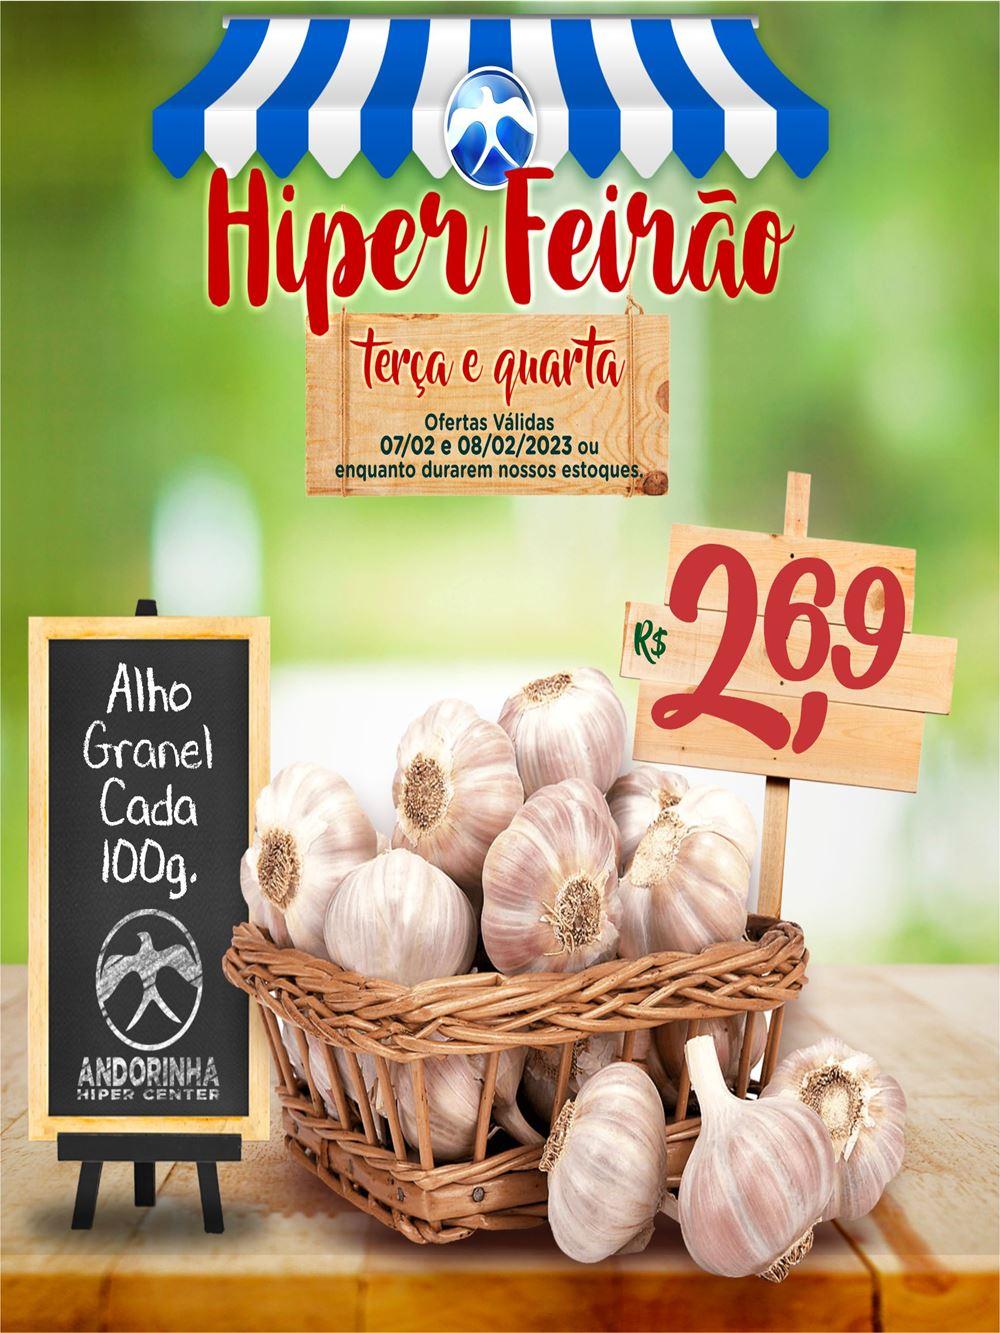 andorinha-ofertas-descontos-hoje1-16 Ofertas de supermercados